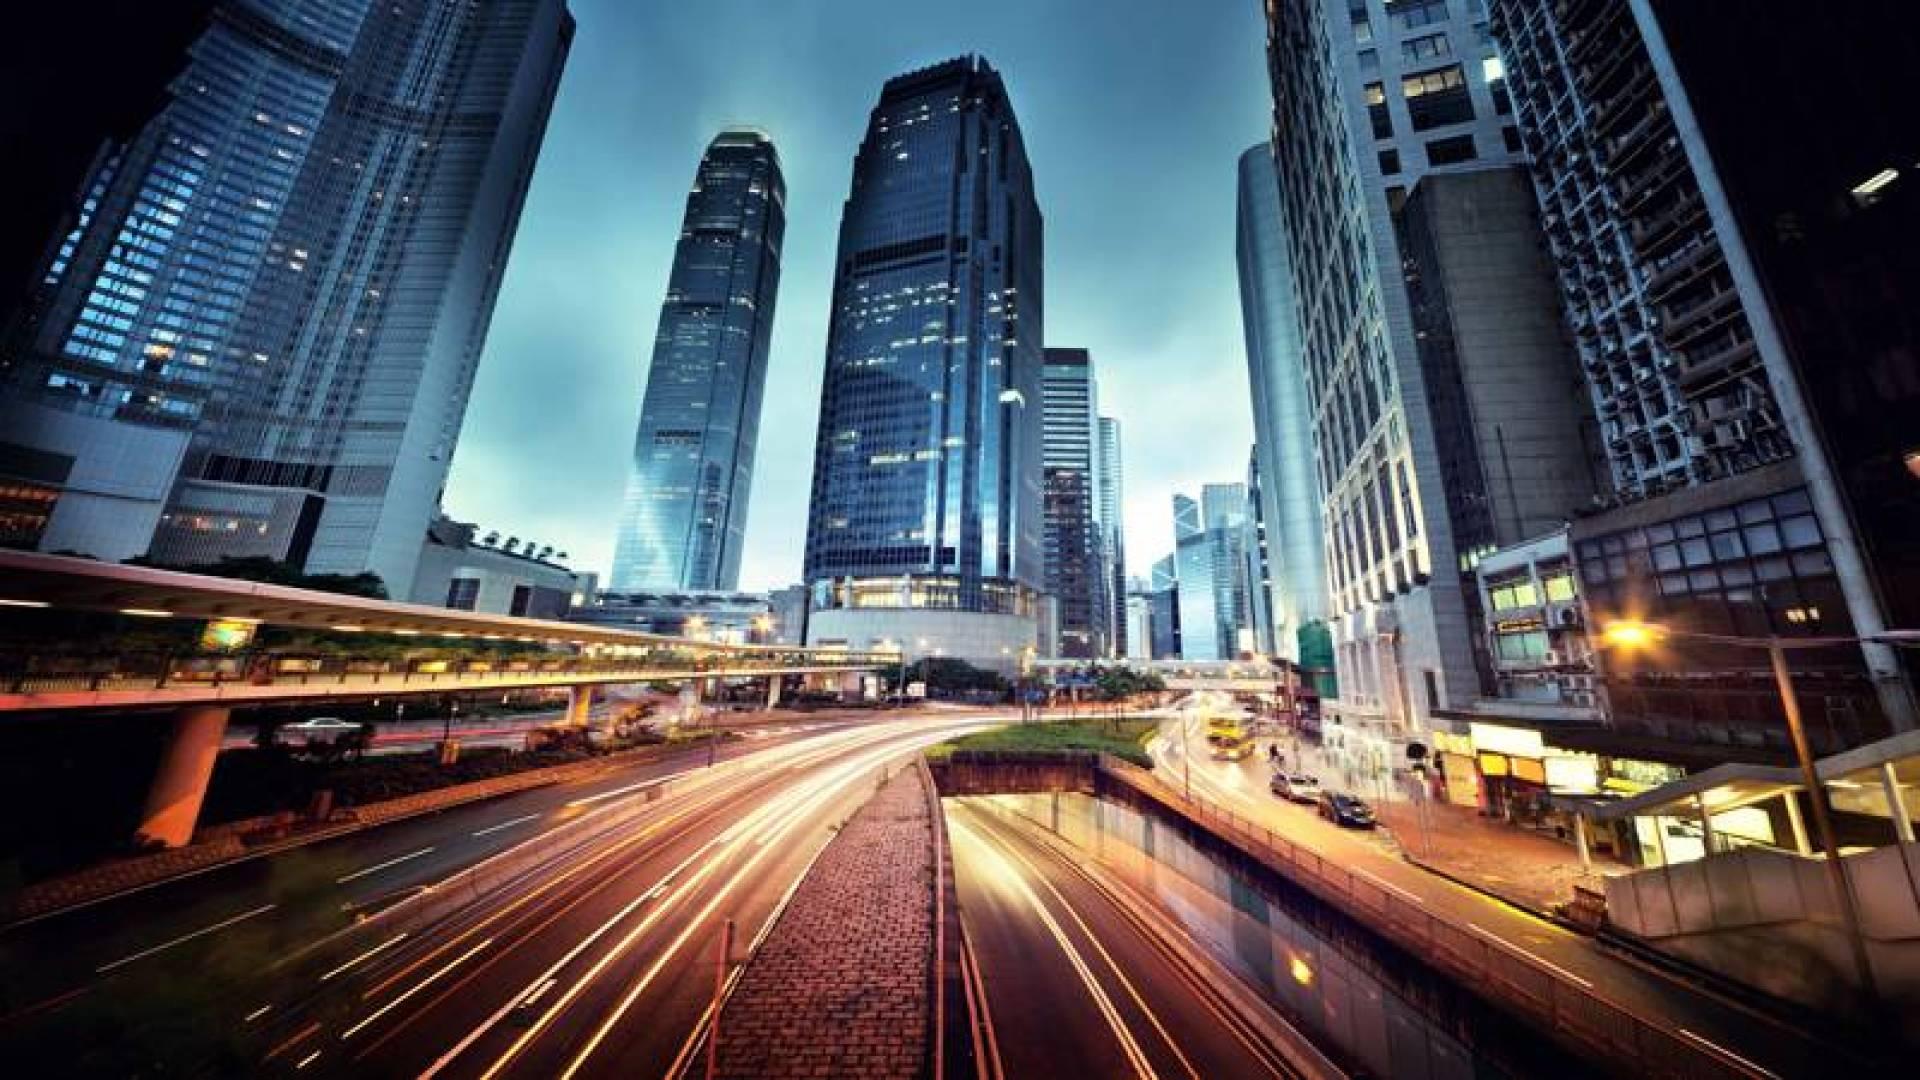 هل يفقد المركز المالي لهونغ كونغ بريقه بسبب الصراع الأميركي - الصيني؟